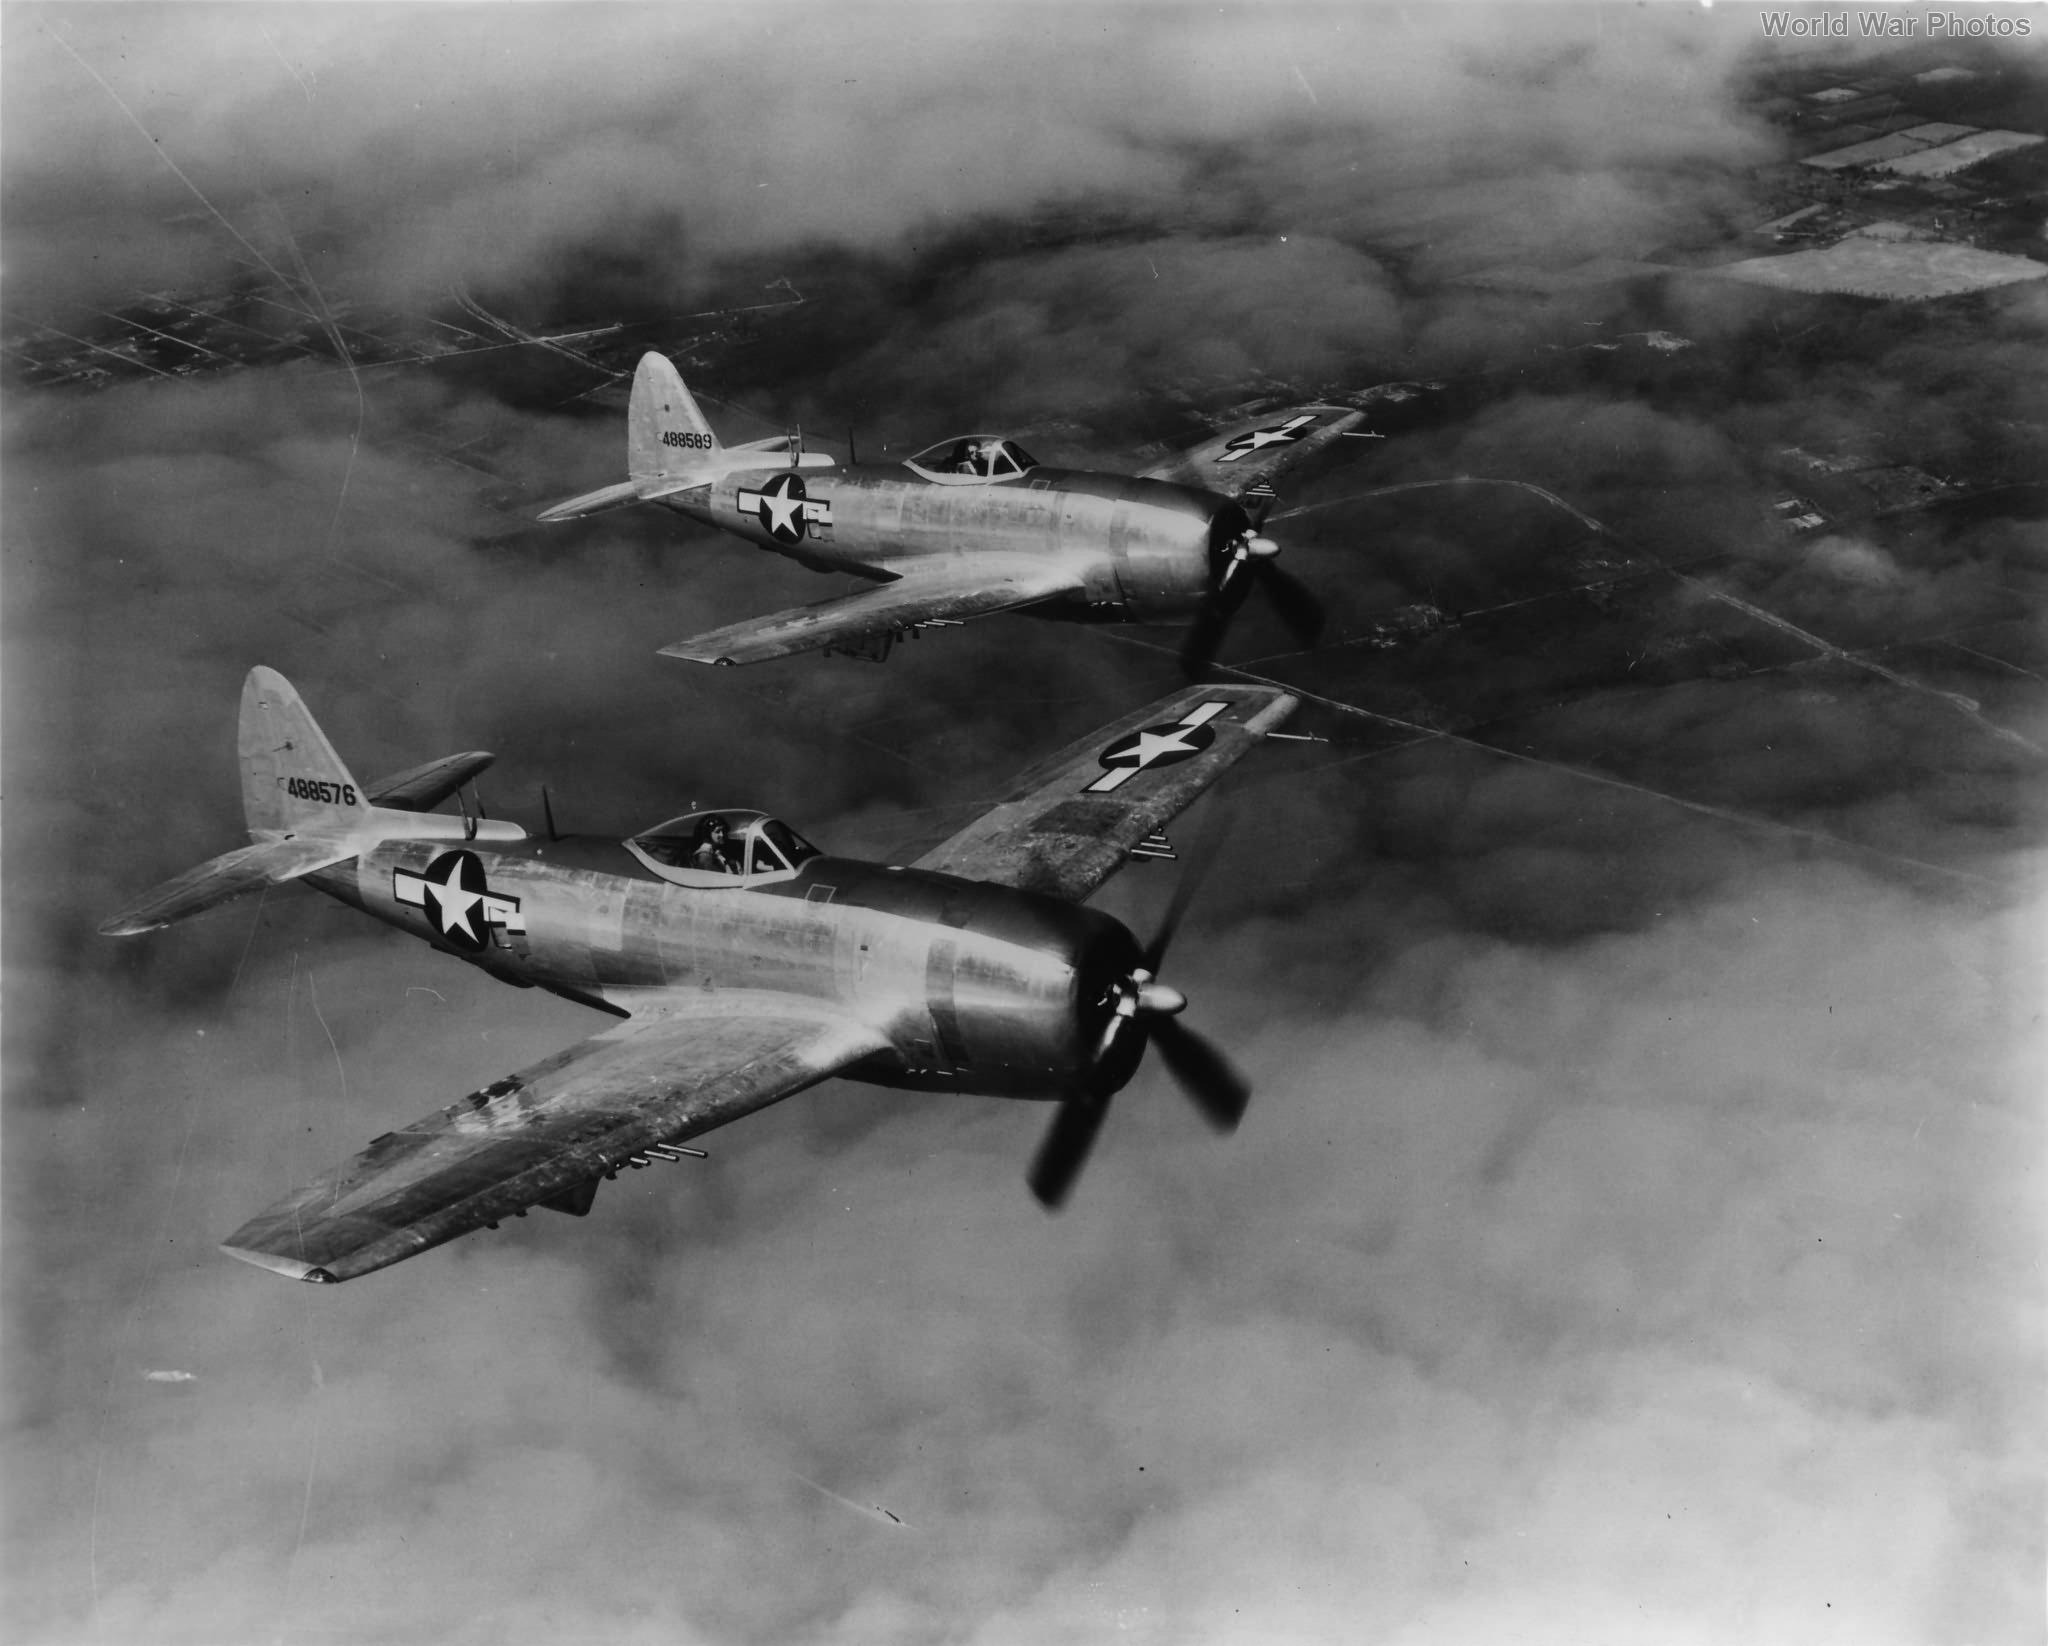 P-47N 44-88576 44-88589